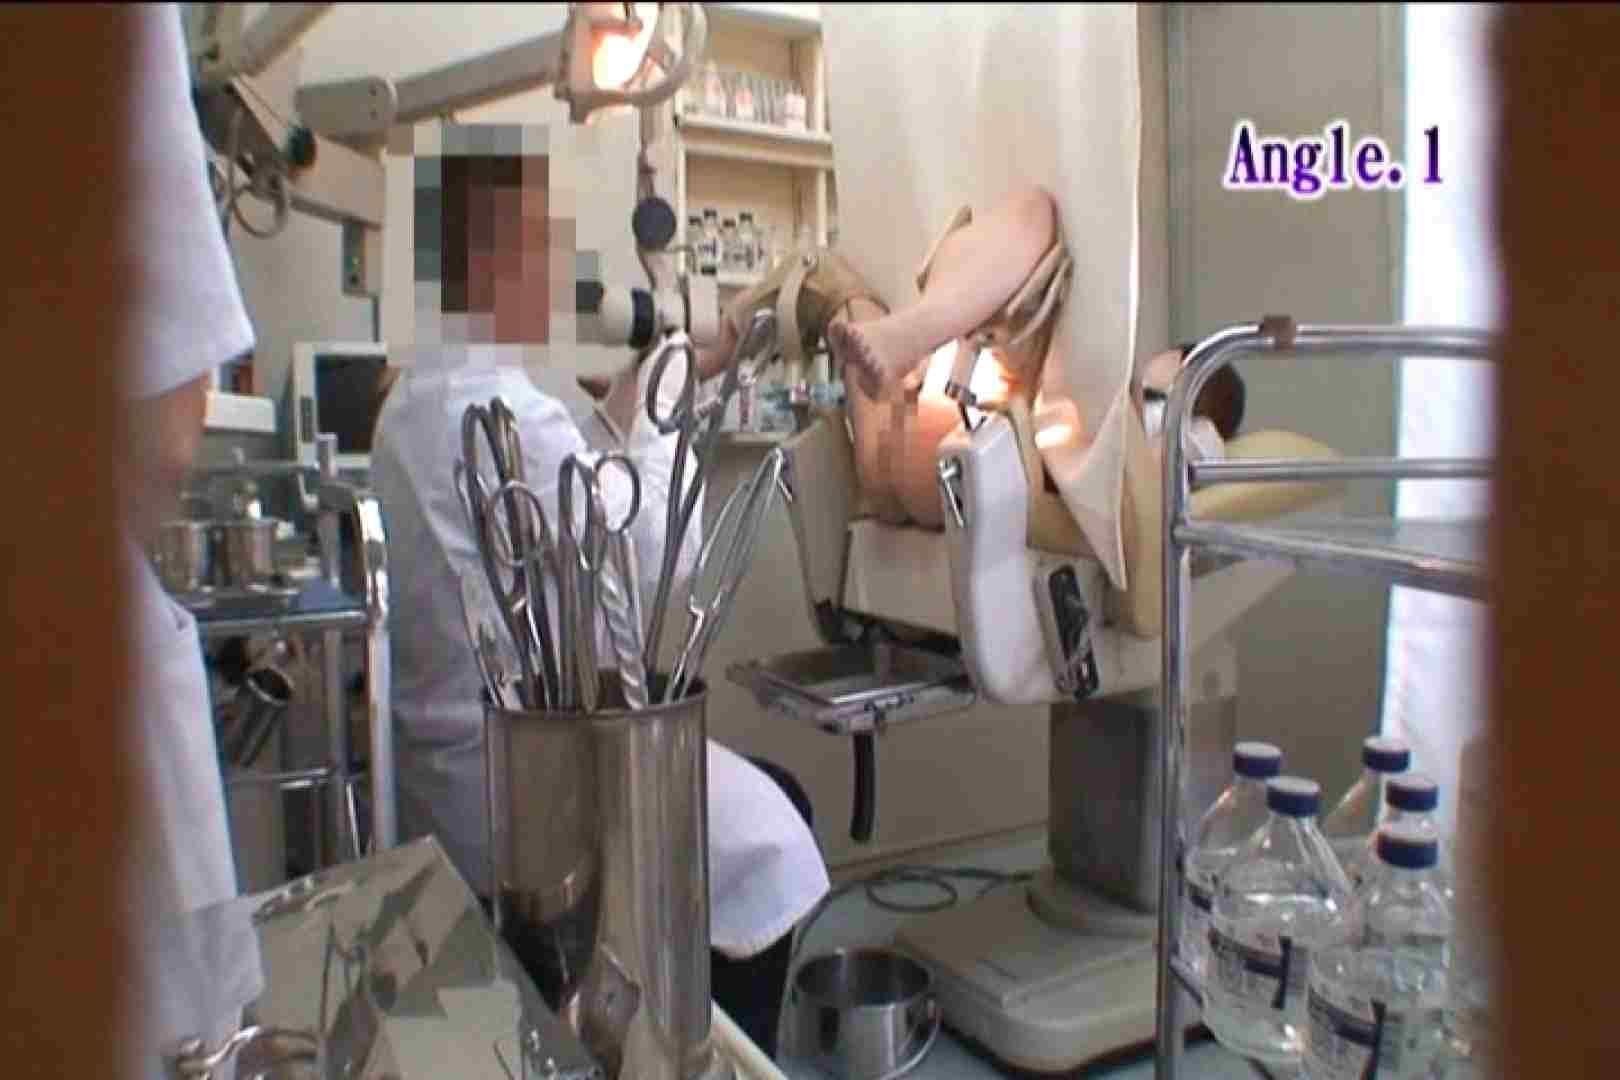 患者のおまんこをコレクションする変態医師の流出映像Vol.1 おまんこ | すけべなOL  106画像 45